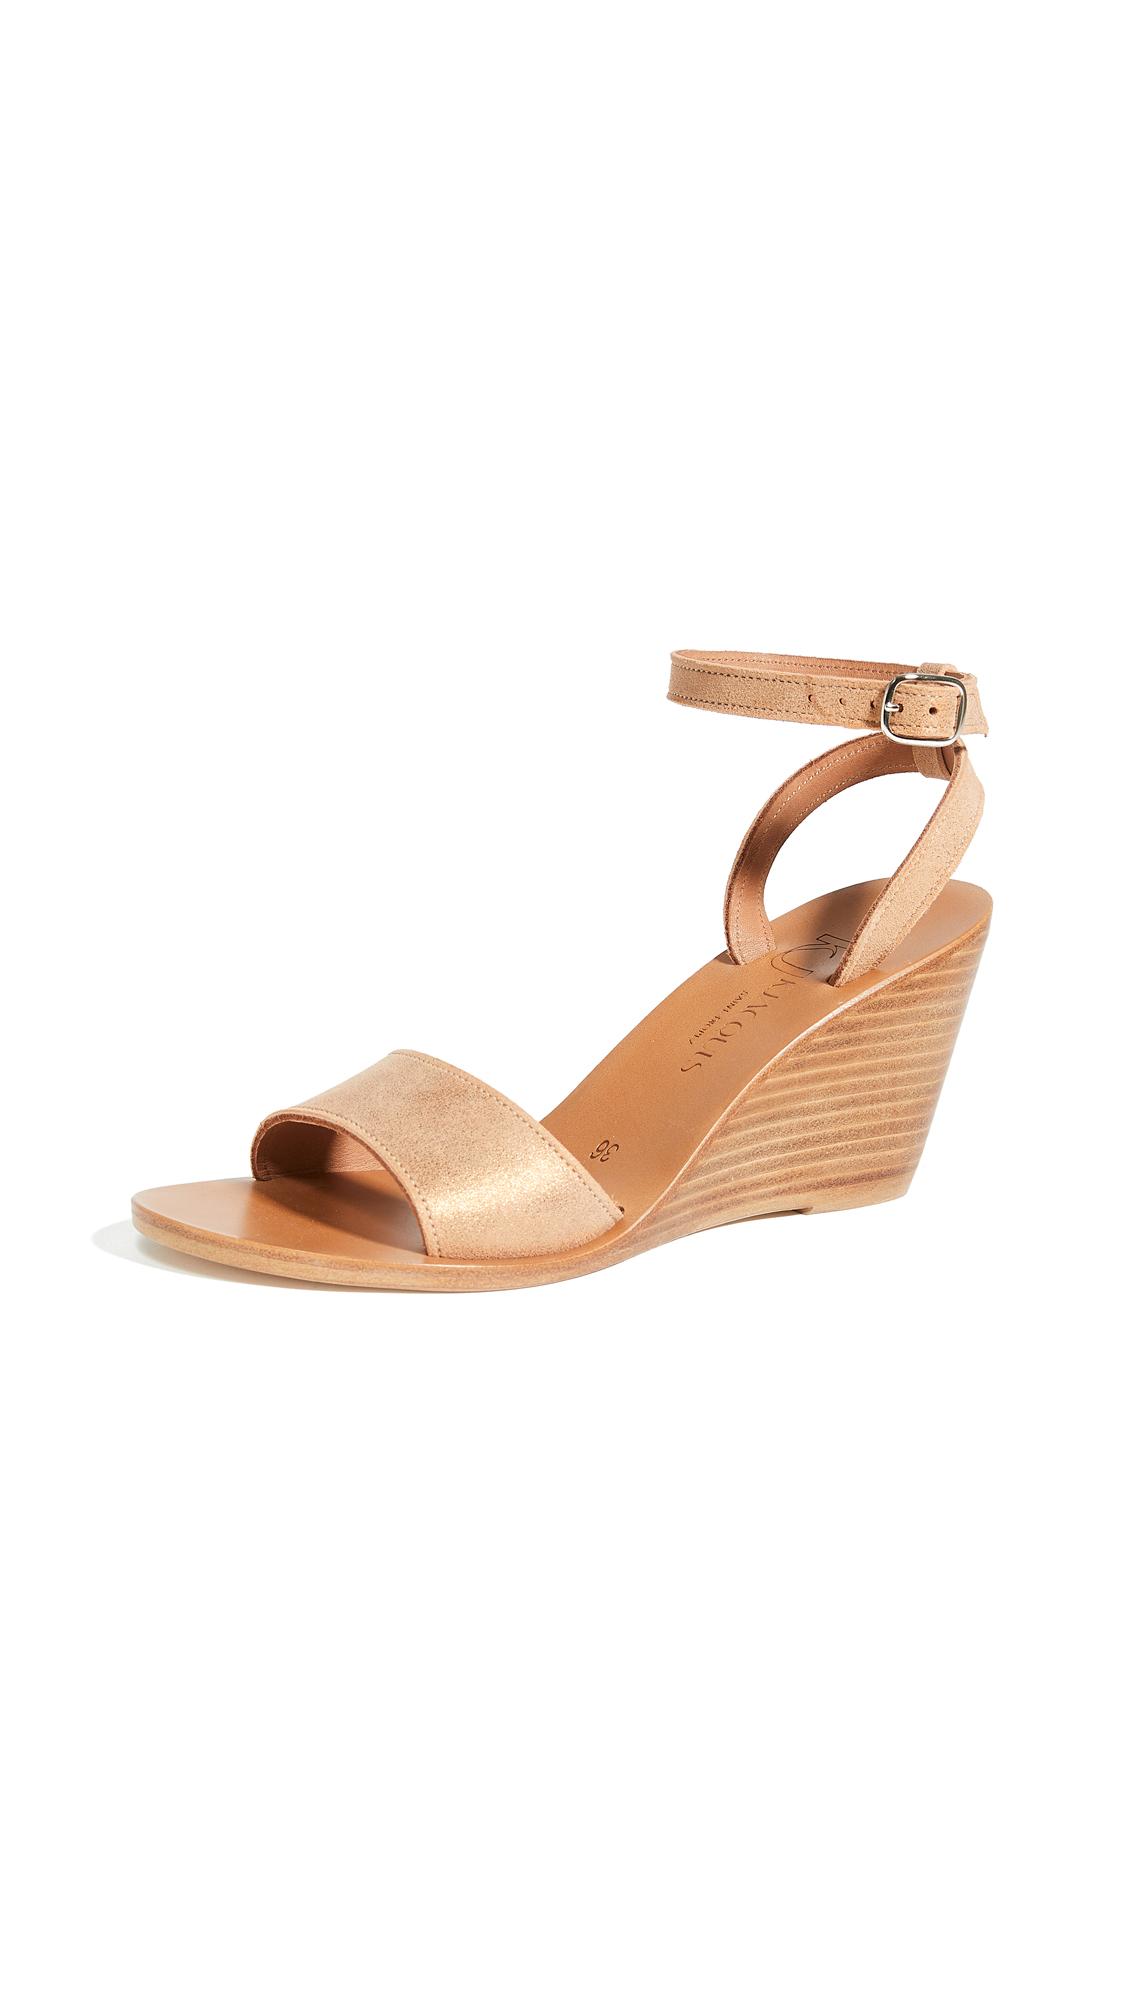 Buy K. Jacques Anouch Wedge Sandals online, shop K. Jacques